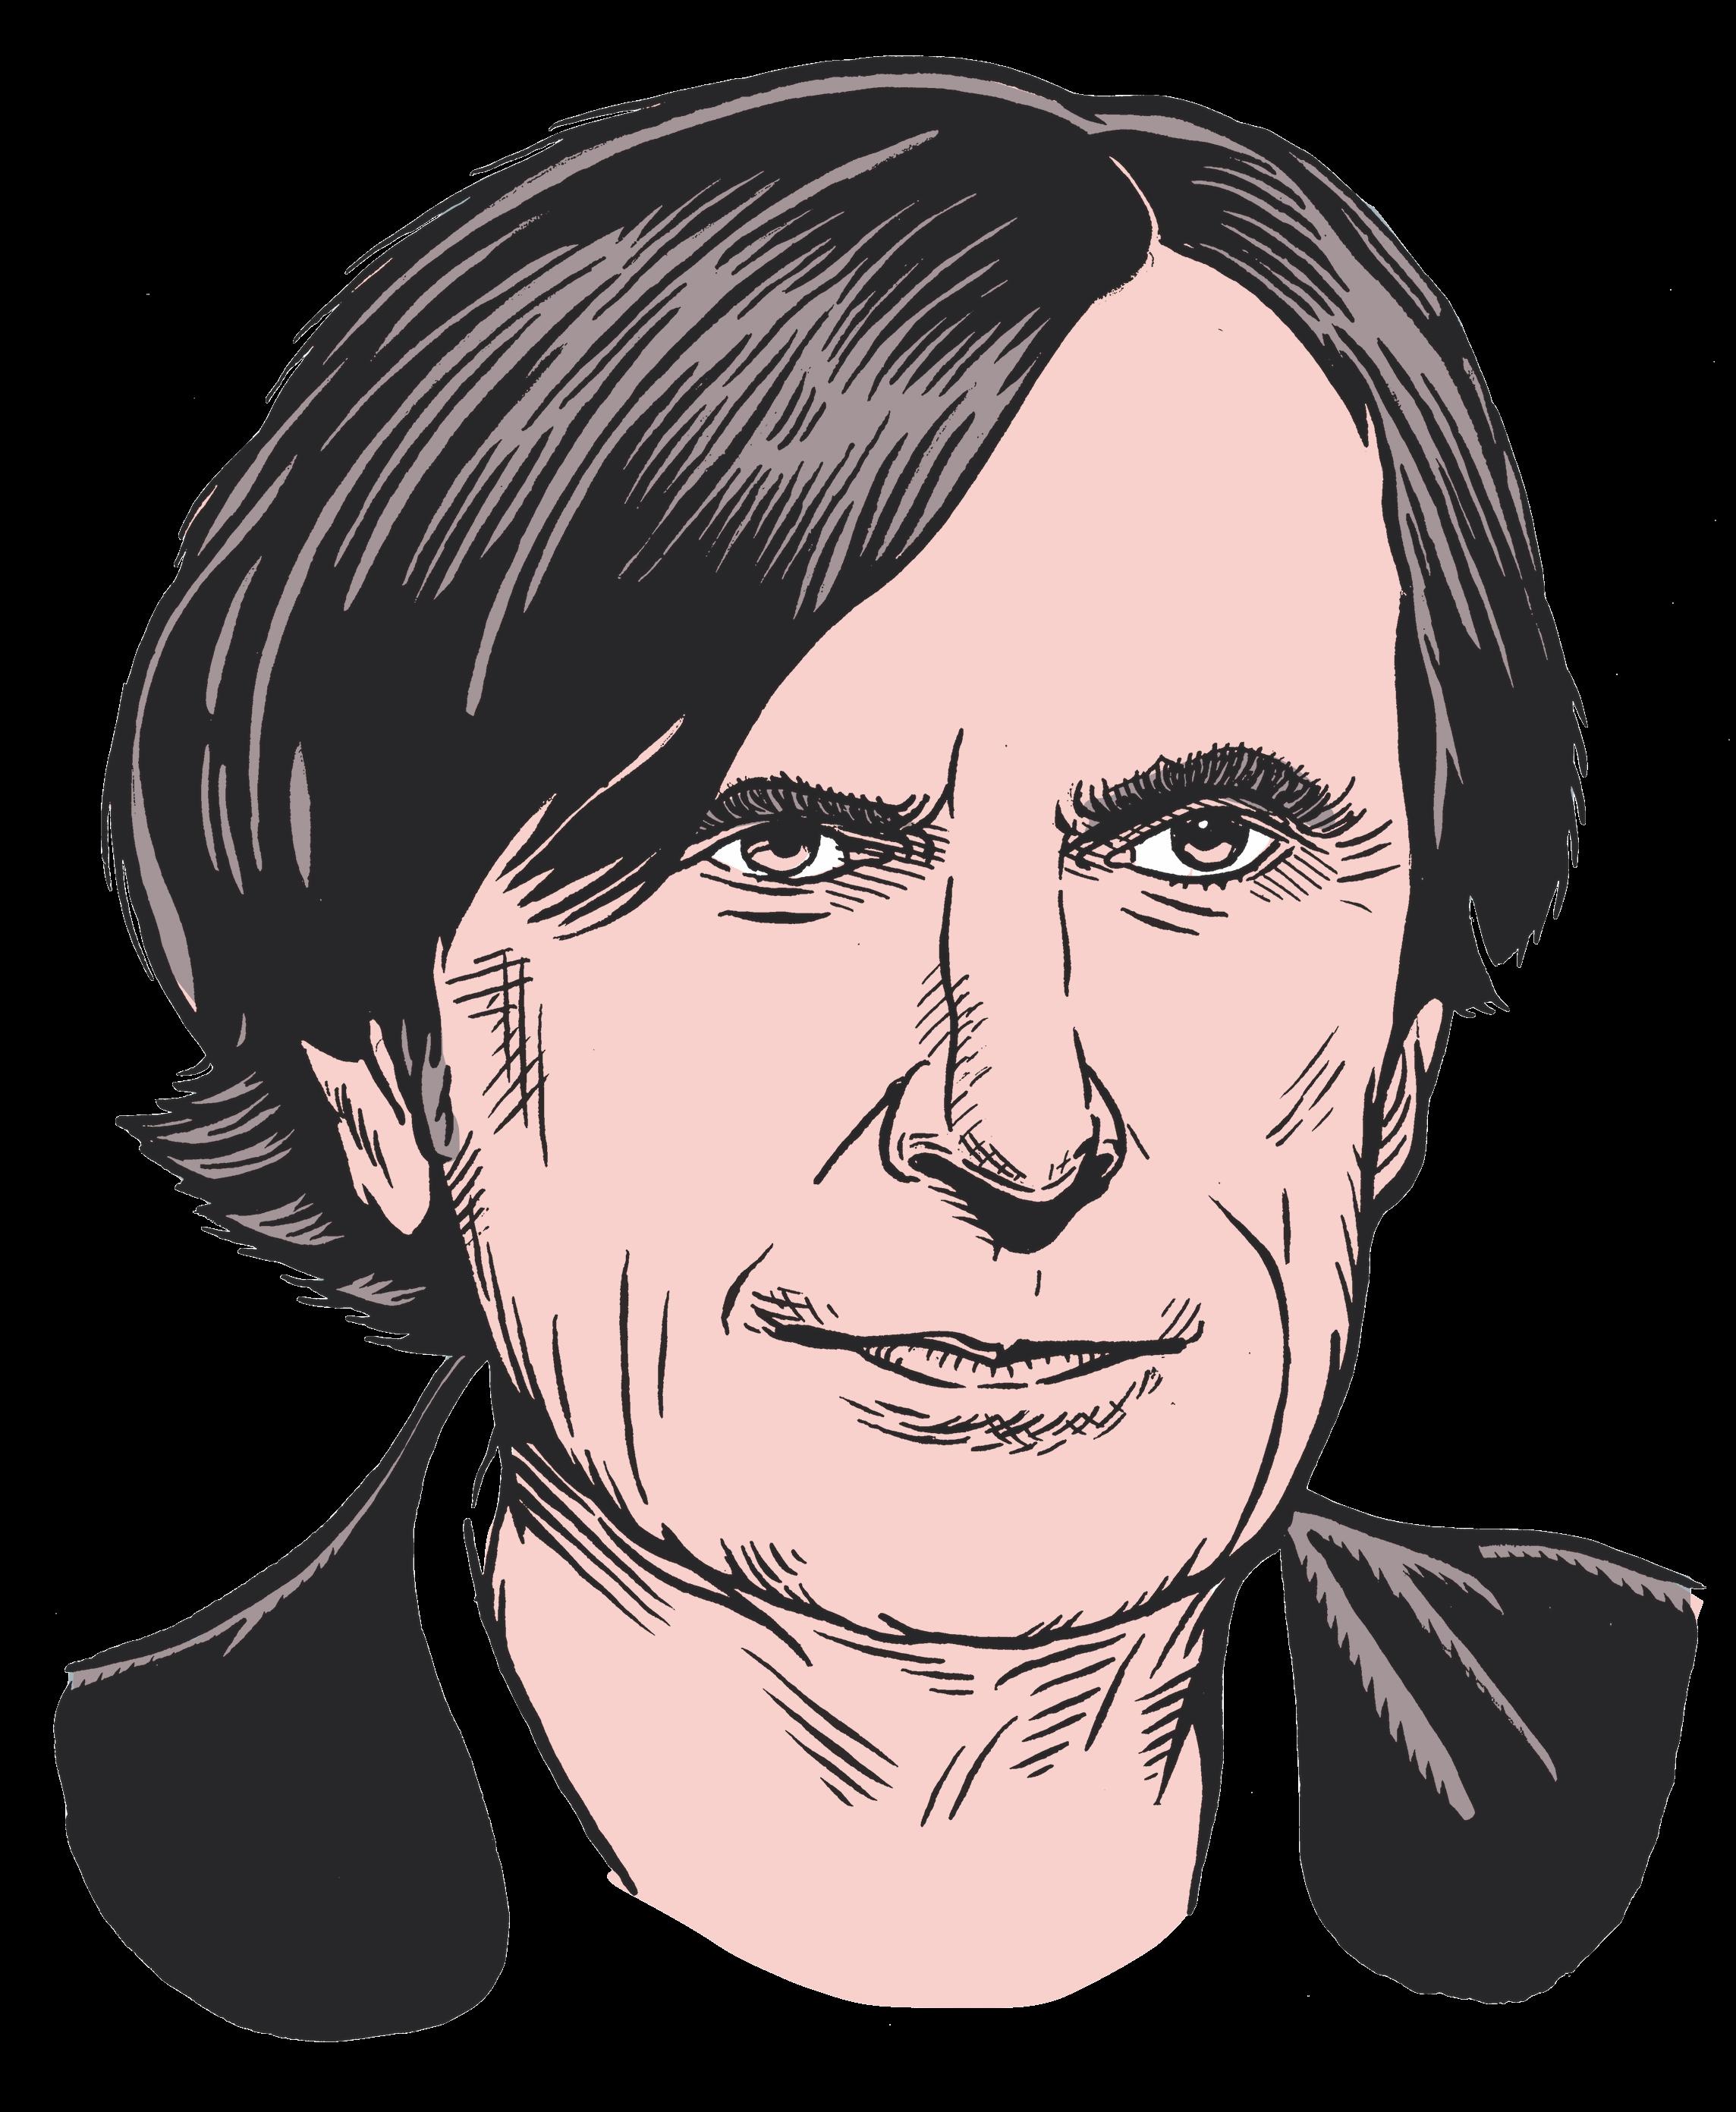 les auteurs du 1 : Daniel Rondeau